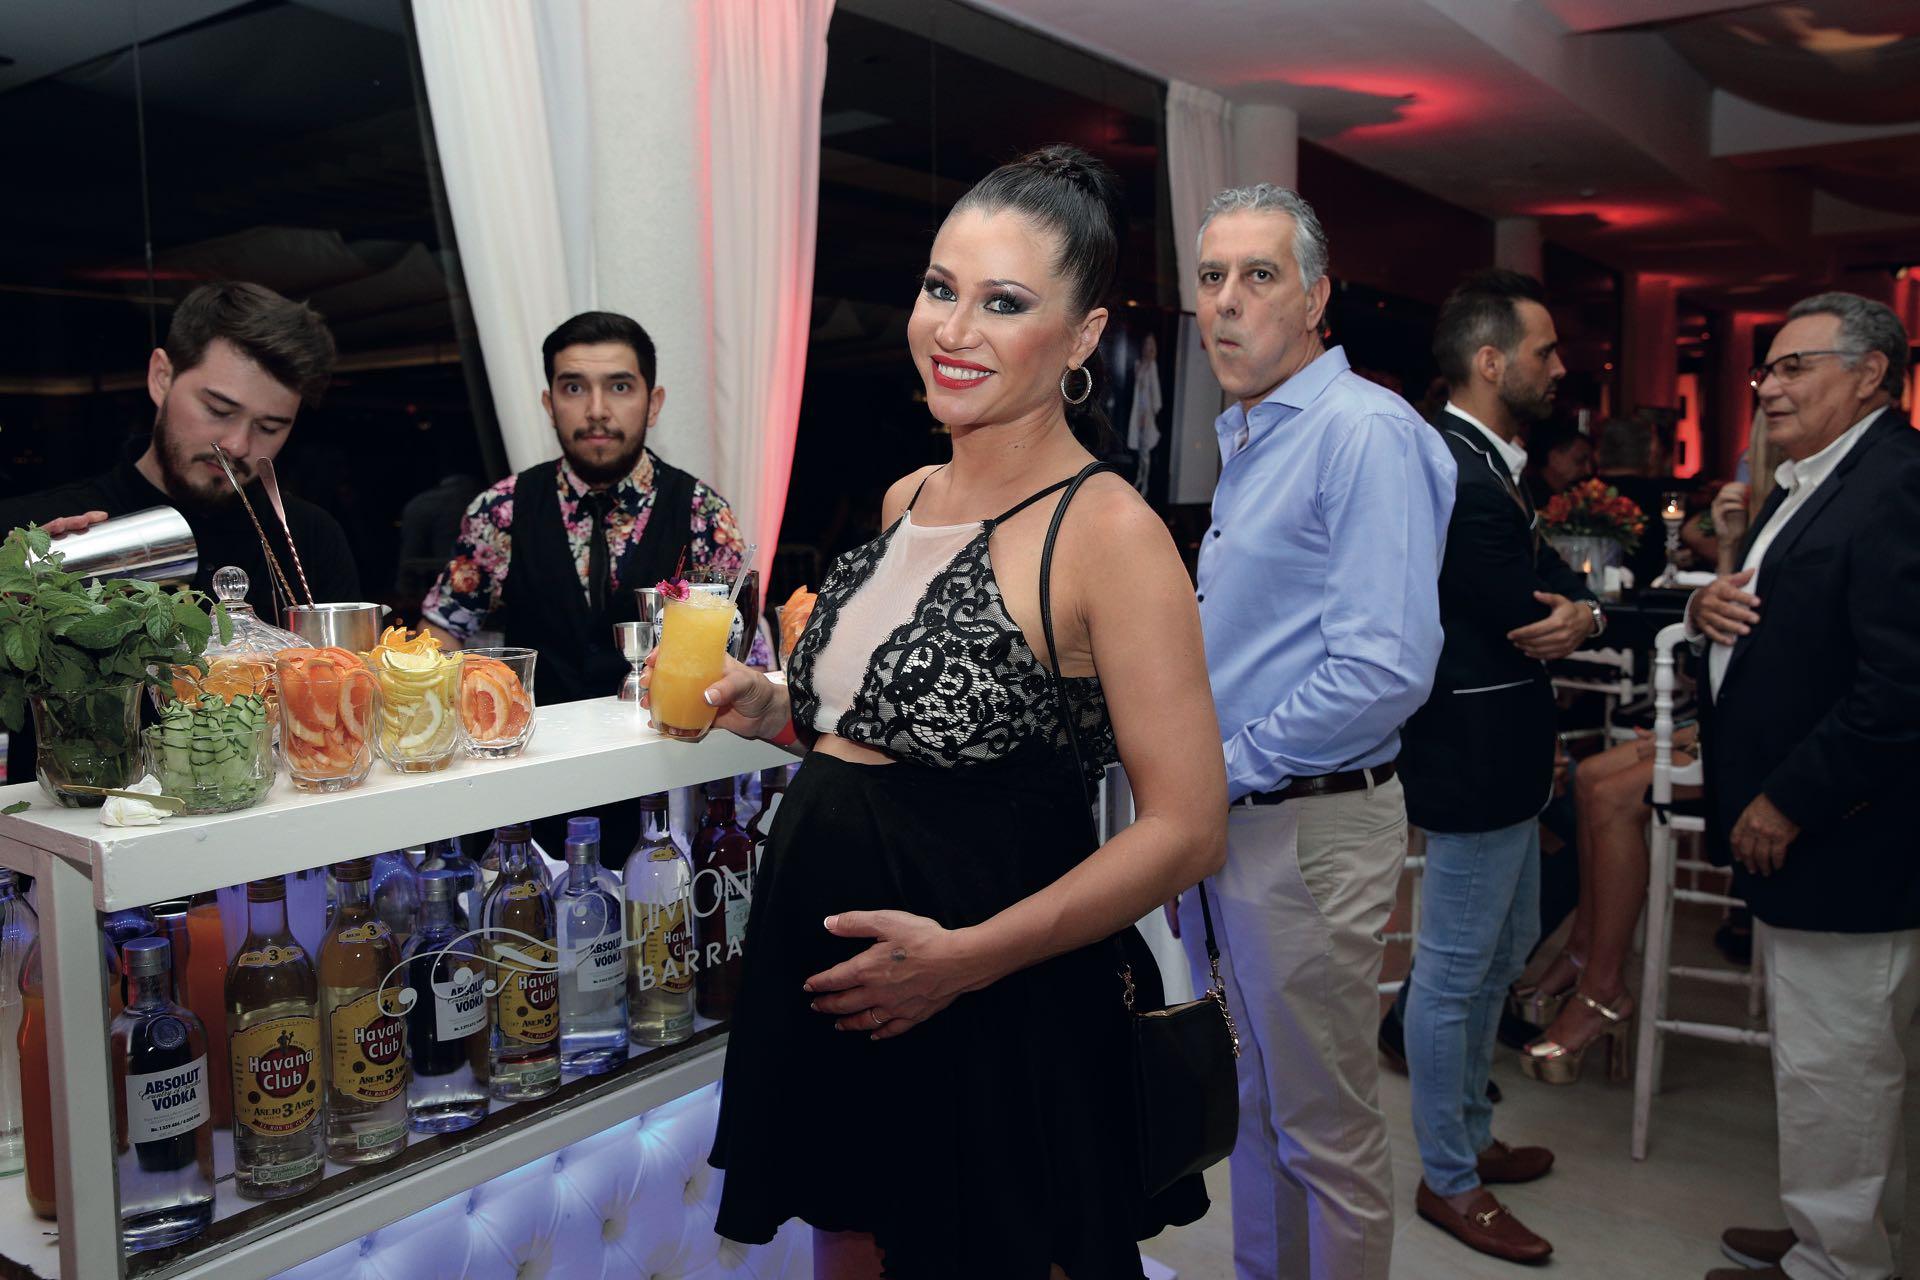 Adabel Guerrero, en la barra de tragos Limón & Menta: eligió algo tranqui. (Foto GENTE)